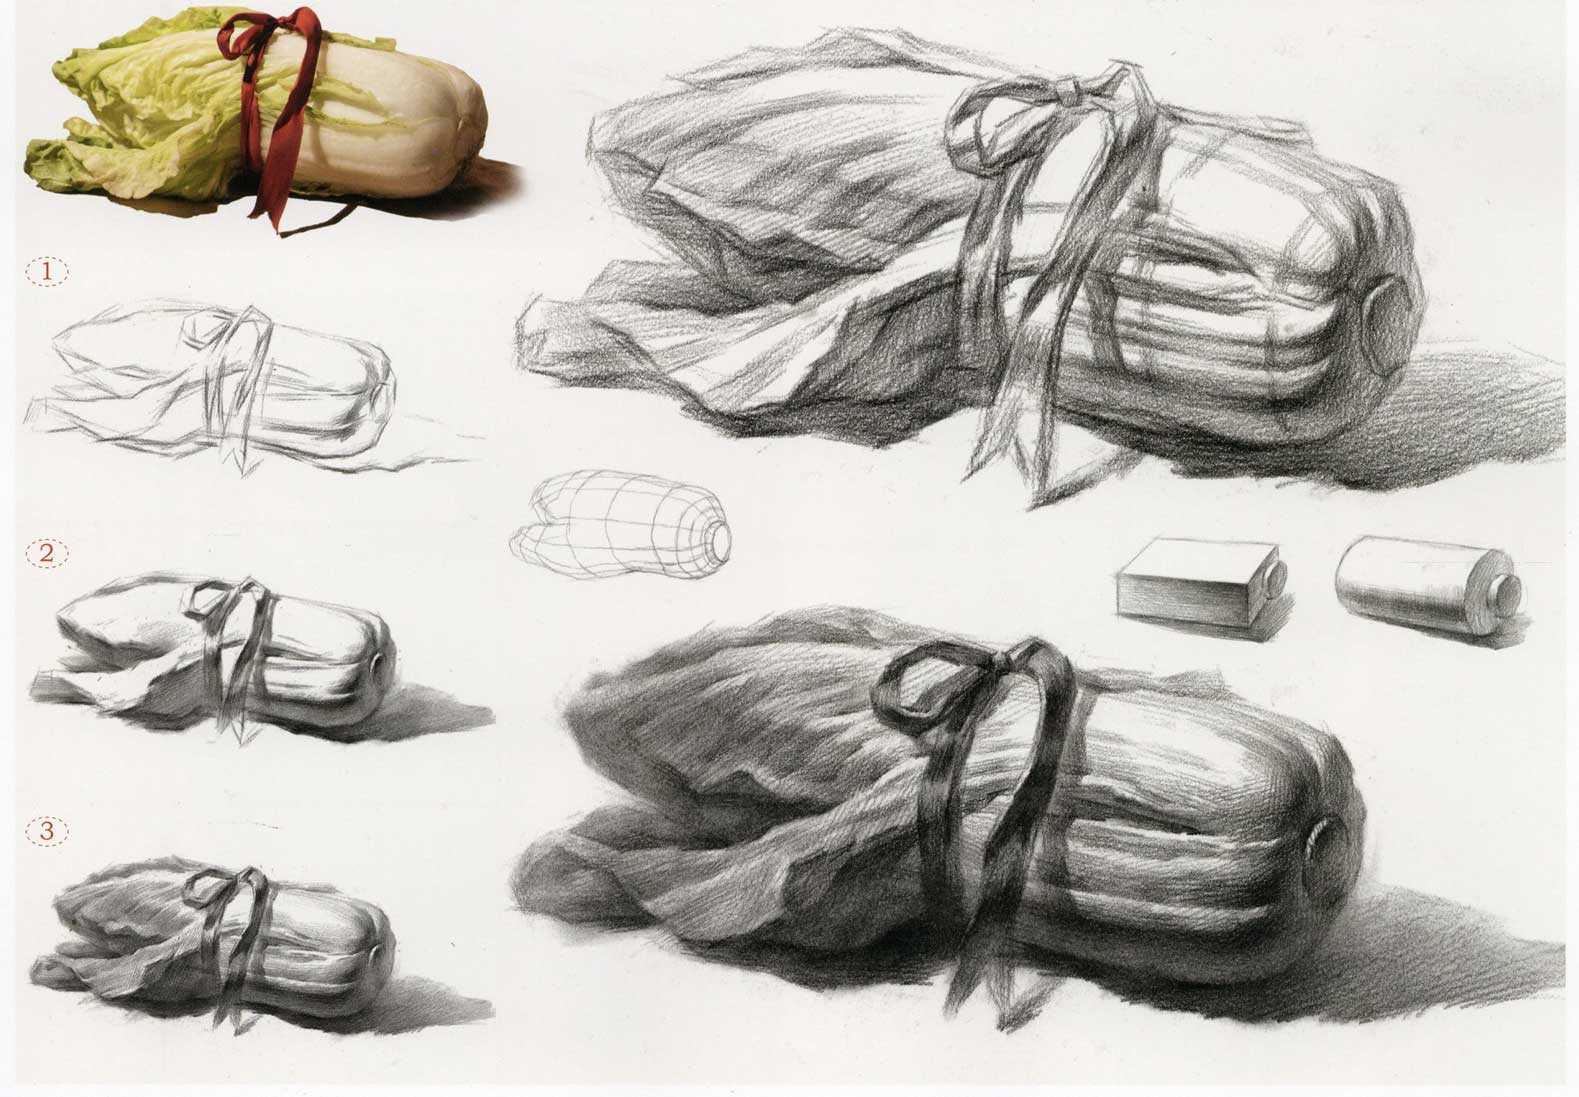 绘画素描捆绑的大白菜 结构分析